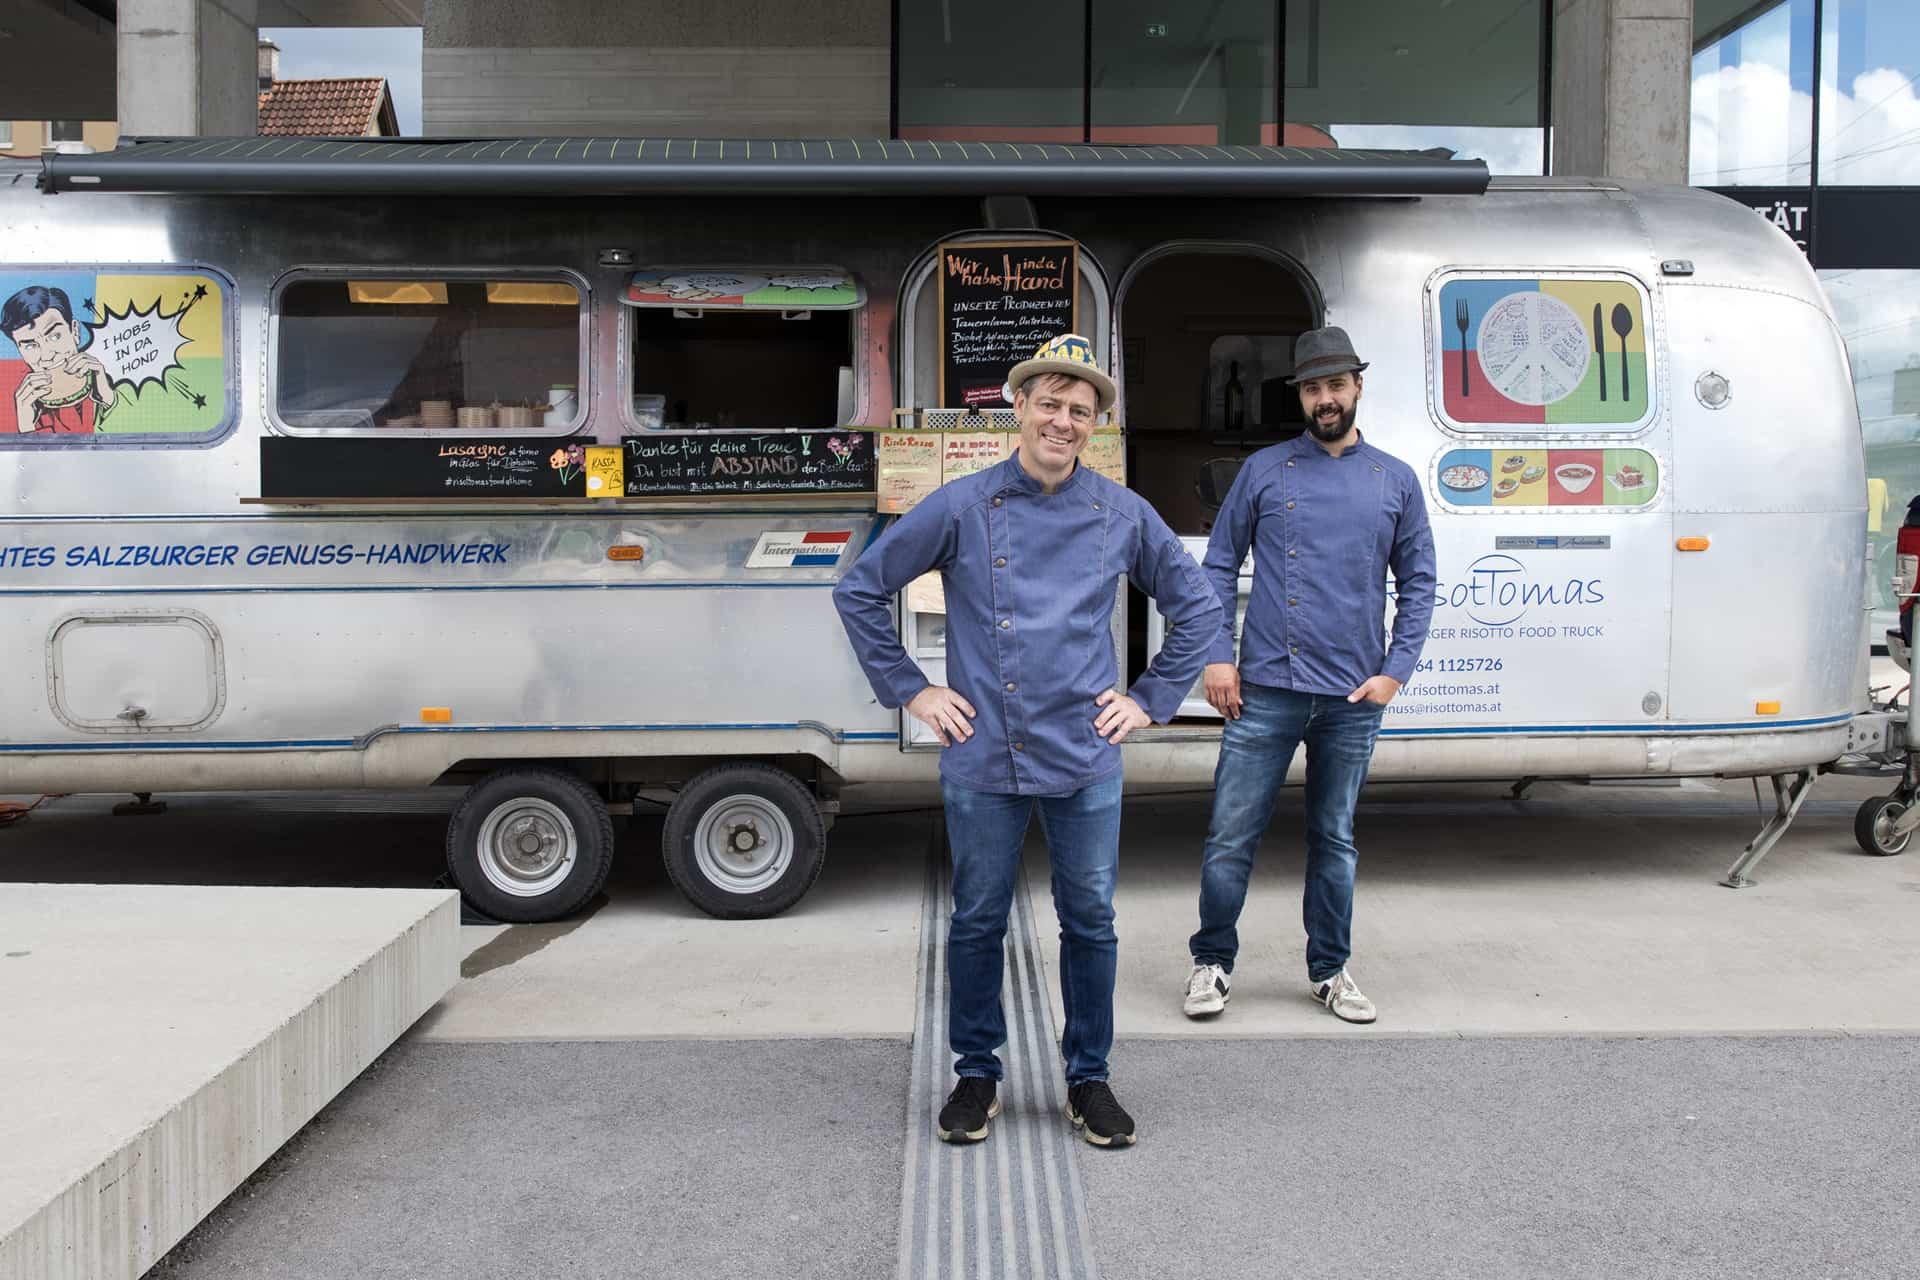 Thomas Enzinger und ein Mitarbeiter stehend vor dem silberfarbigen Foodtruck RisotTomas